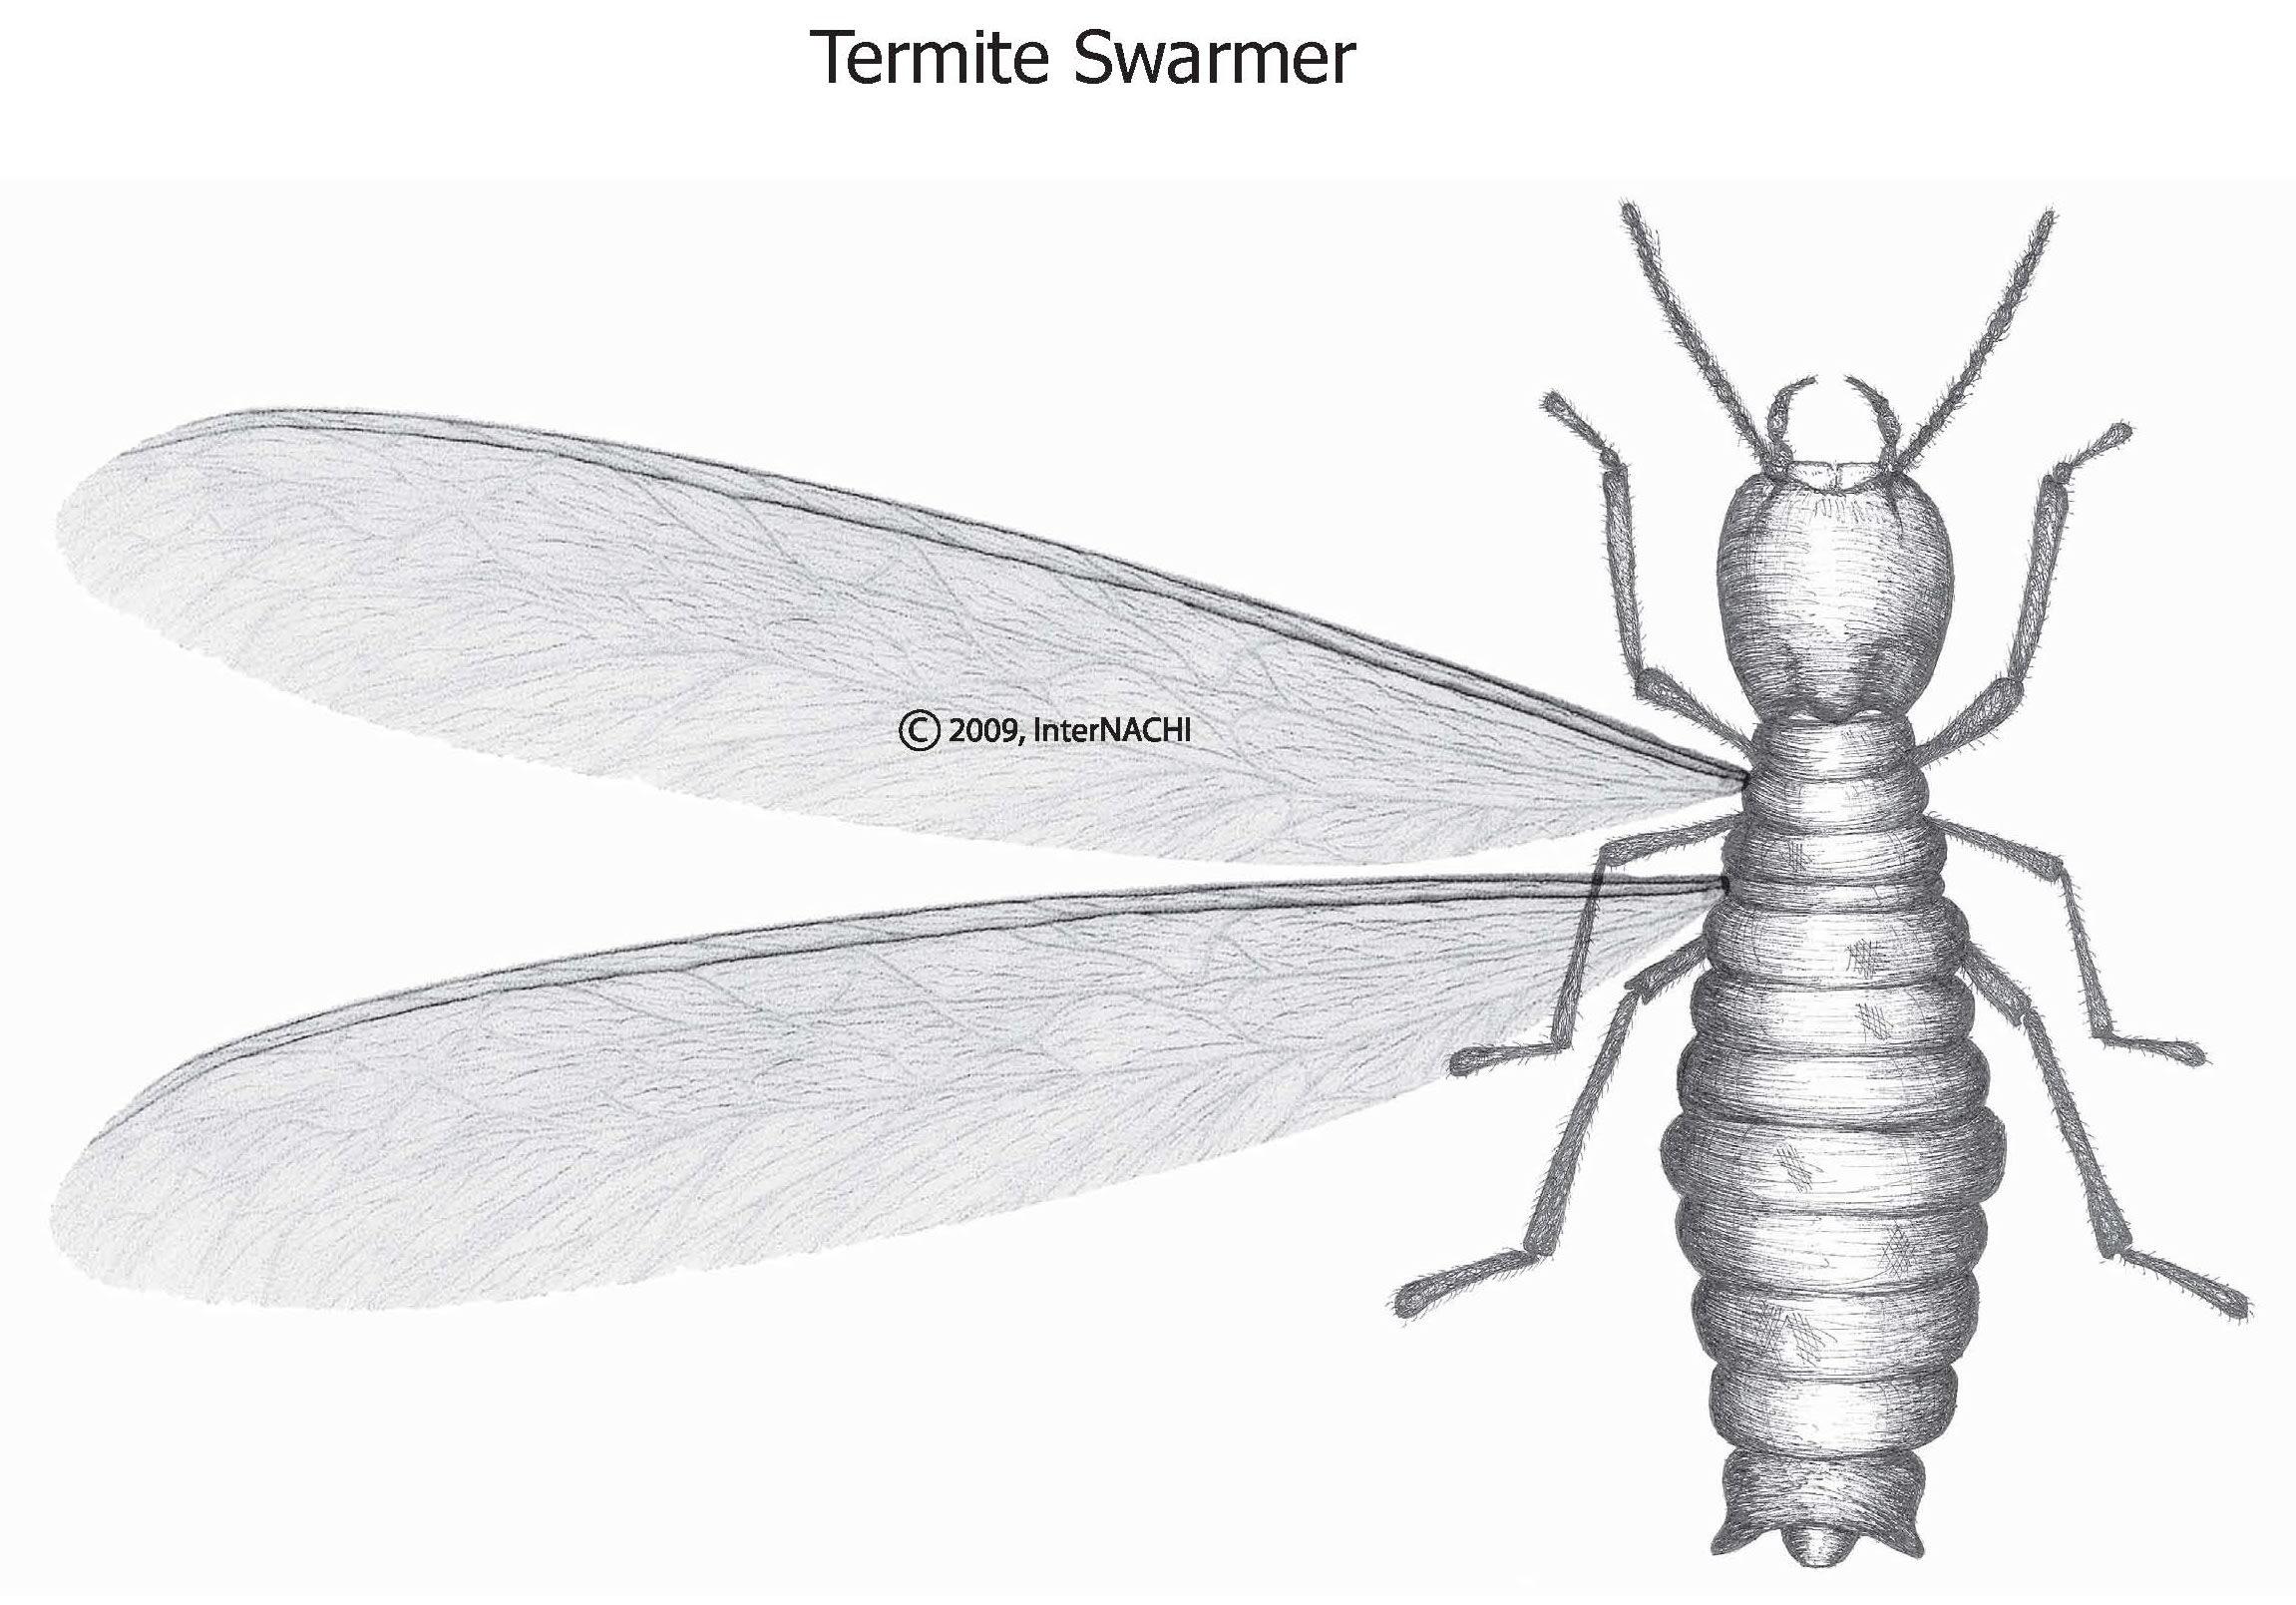 Termite swarmer.